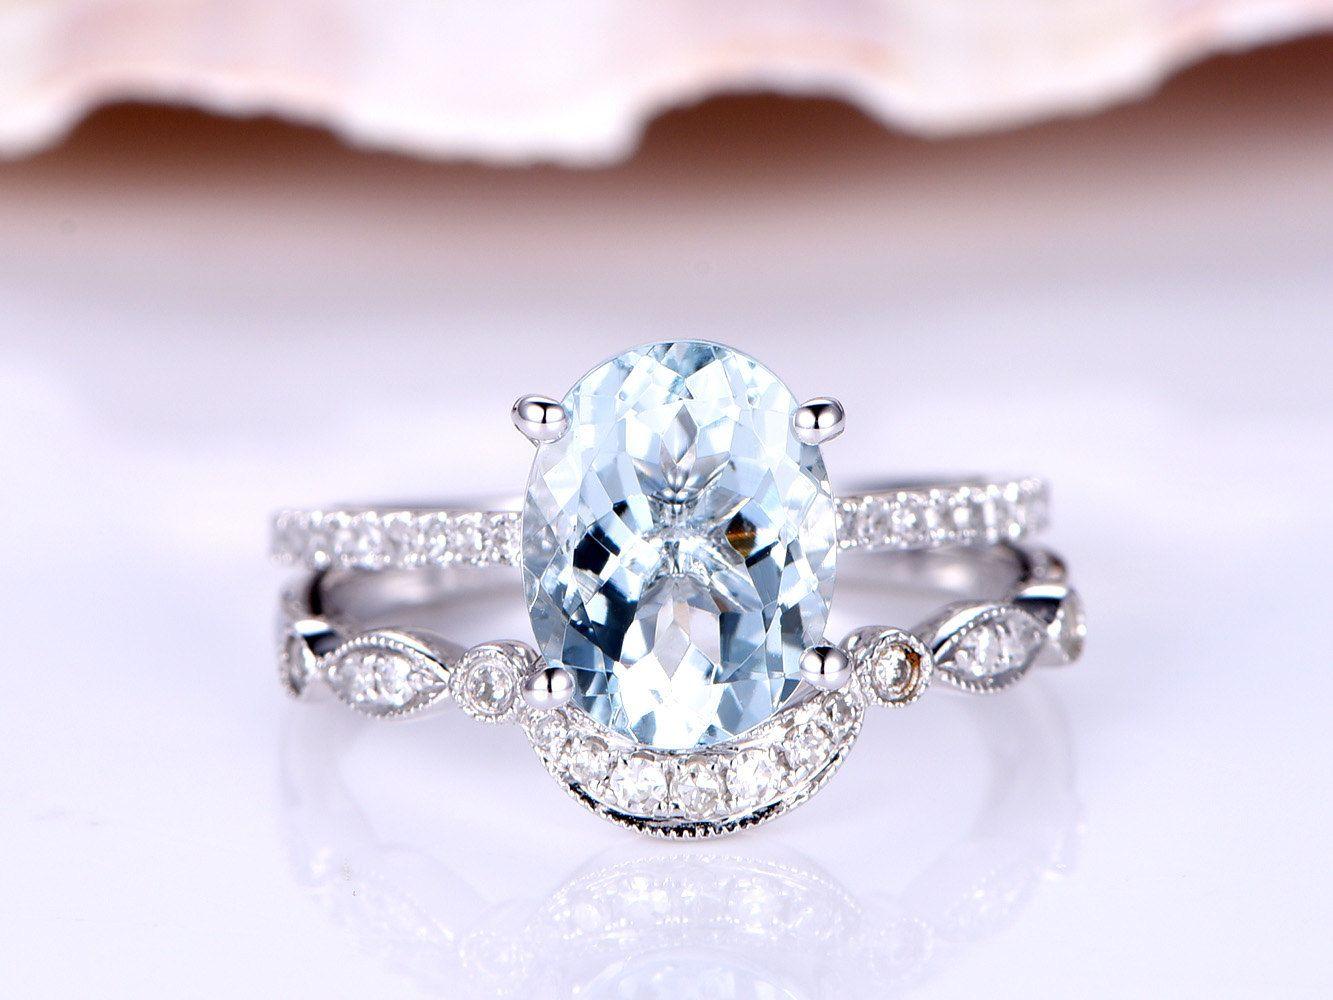 aquamarine wedding rings Aquamarine wedding ring set mm Oval Aquamarine engagement ring Art deco matching band vintage style blue stone solid 14k white gold